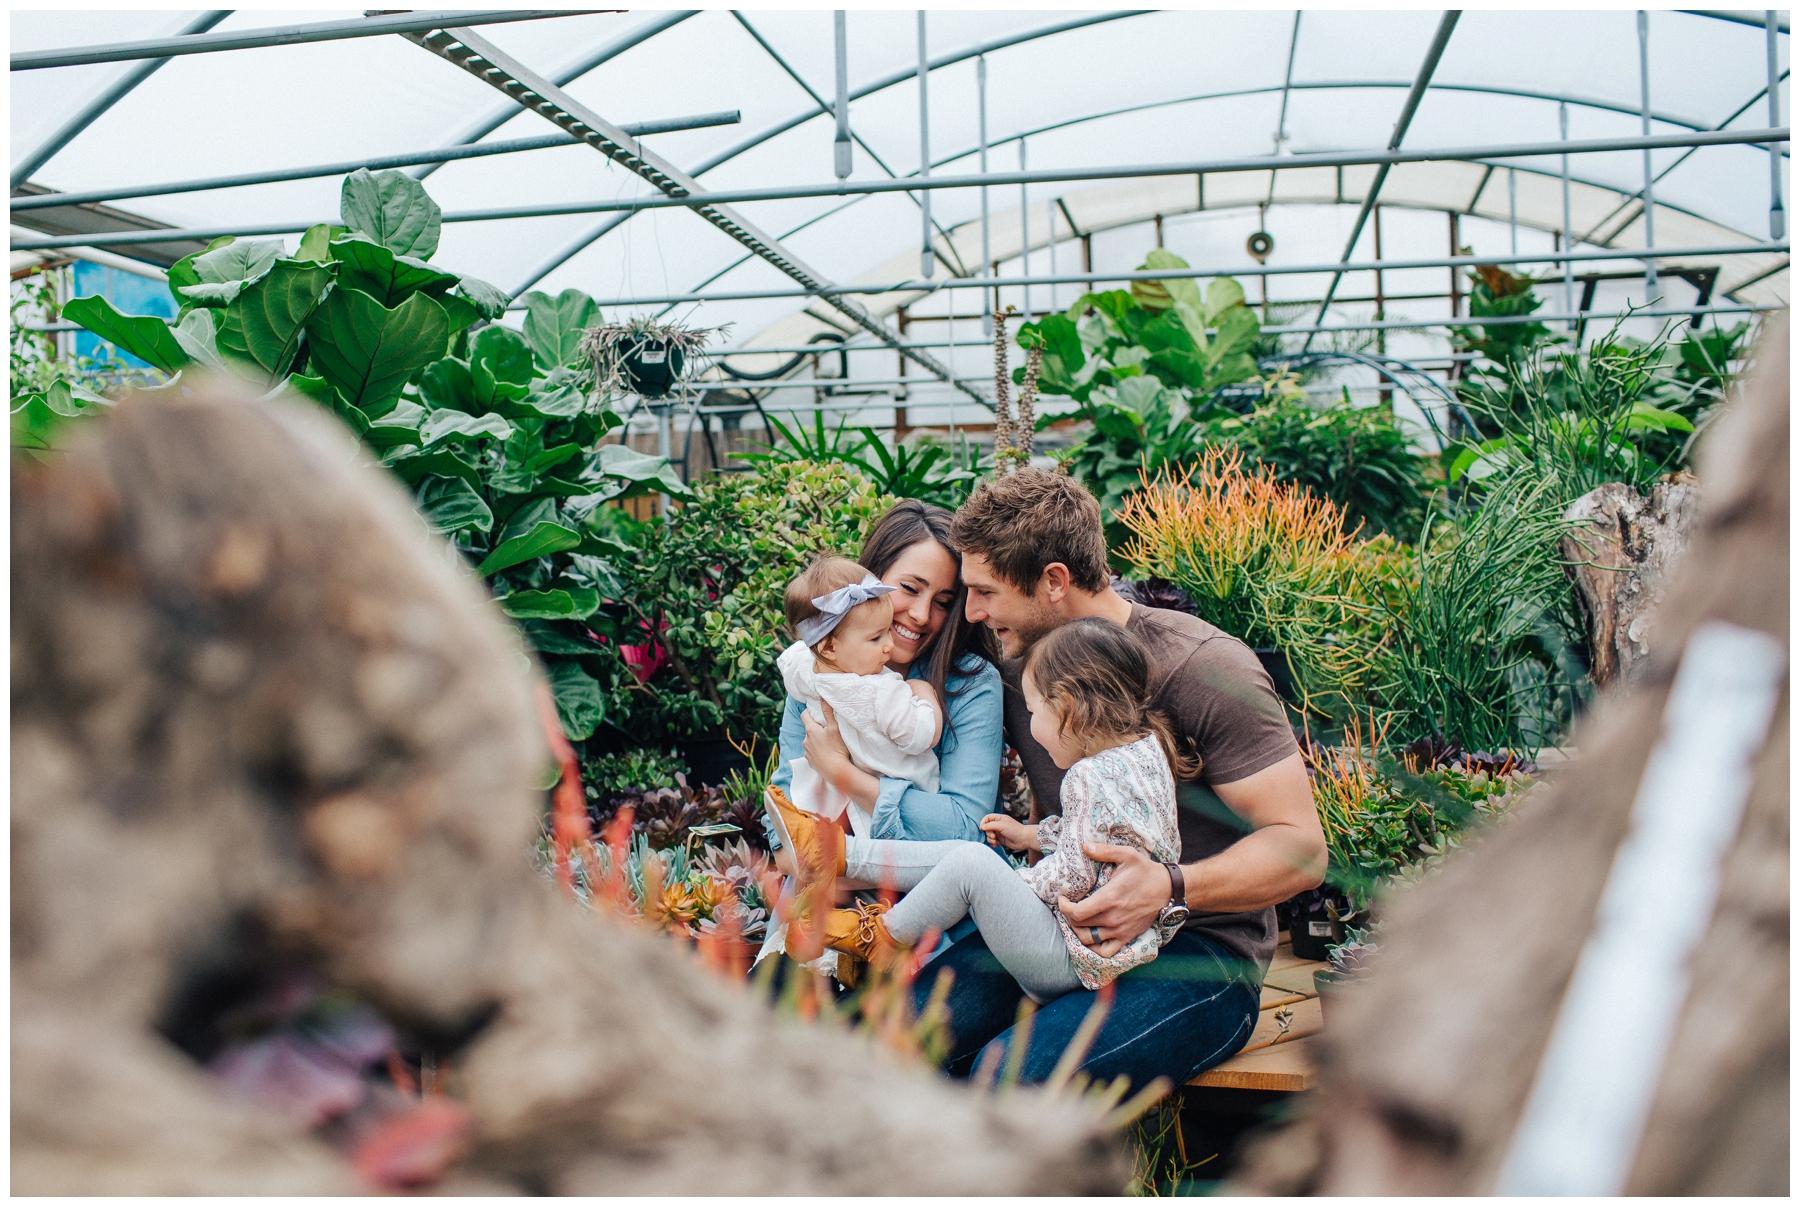 allison-corrin-kansas-city-family-photographer_0018.jpg